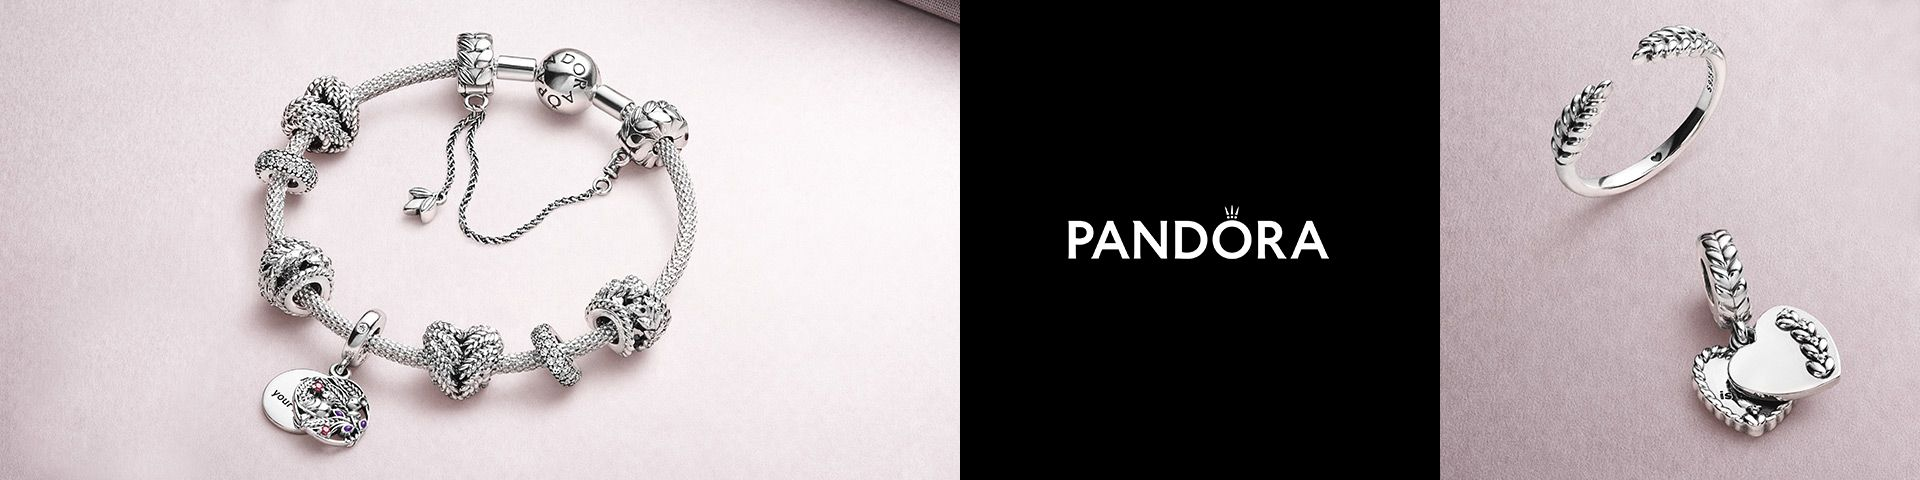 PANDORA grundades i Danmark 1982 och har sedan dess uppnått enorm  popularitet. Deras smycken säljs i mer än 80 länder på 6 kontinenter. 053b6a4fc033b